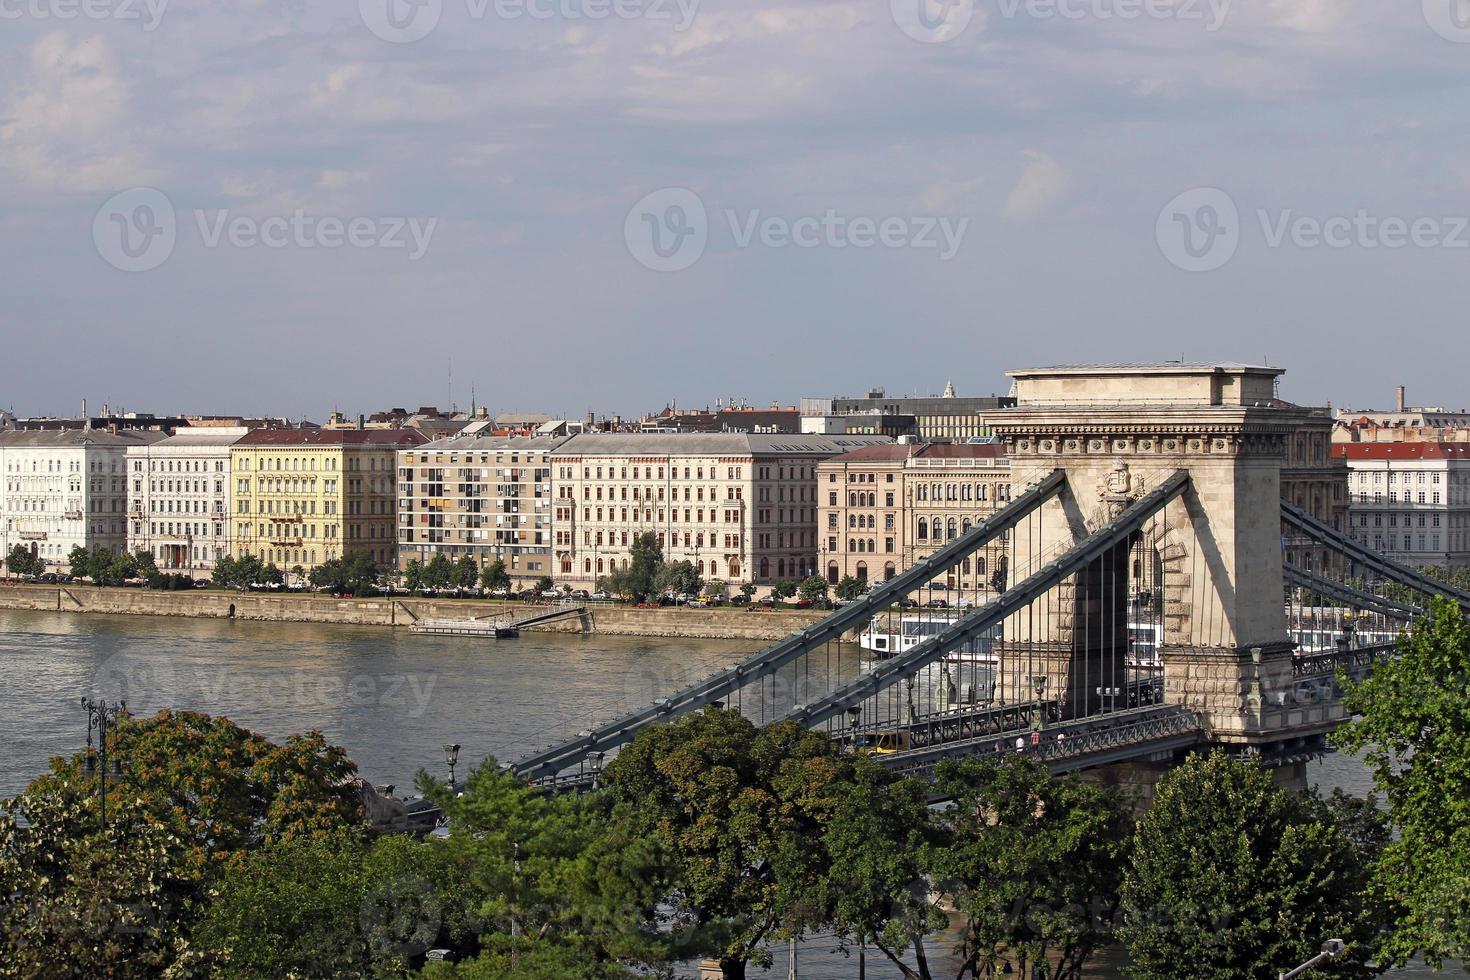 punto di riferimento di budapest ponte delle catene ungheria foto